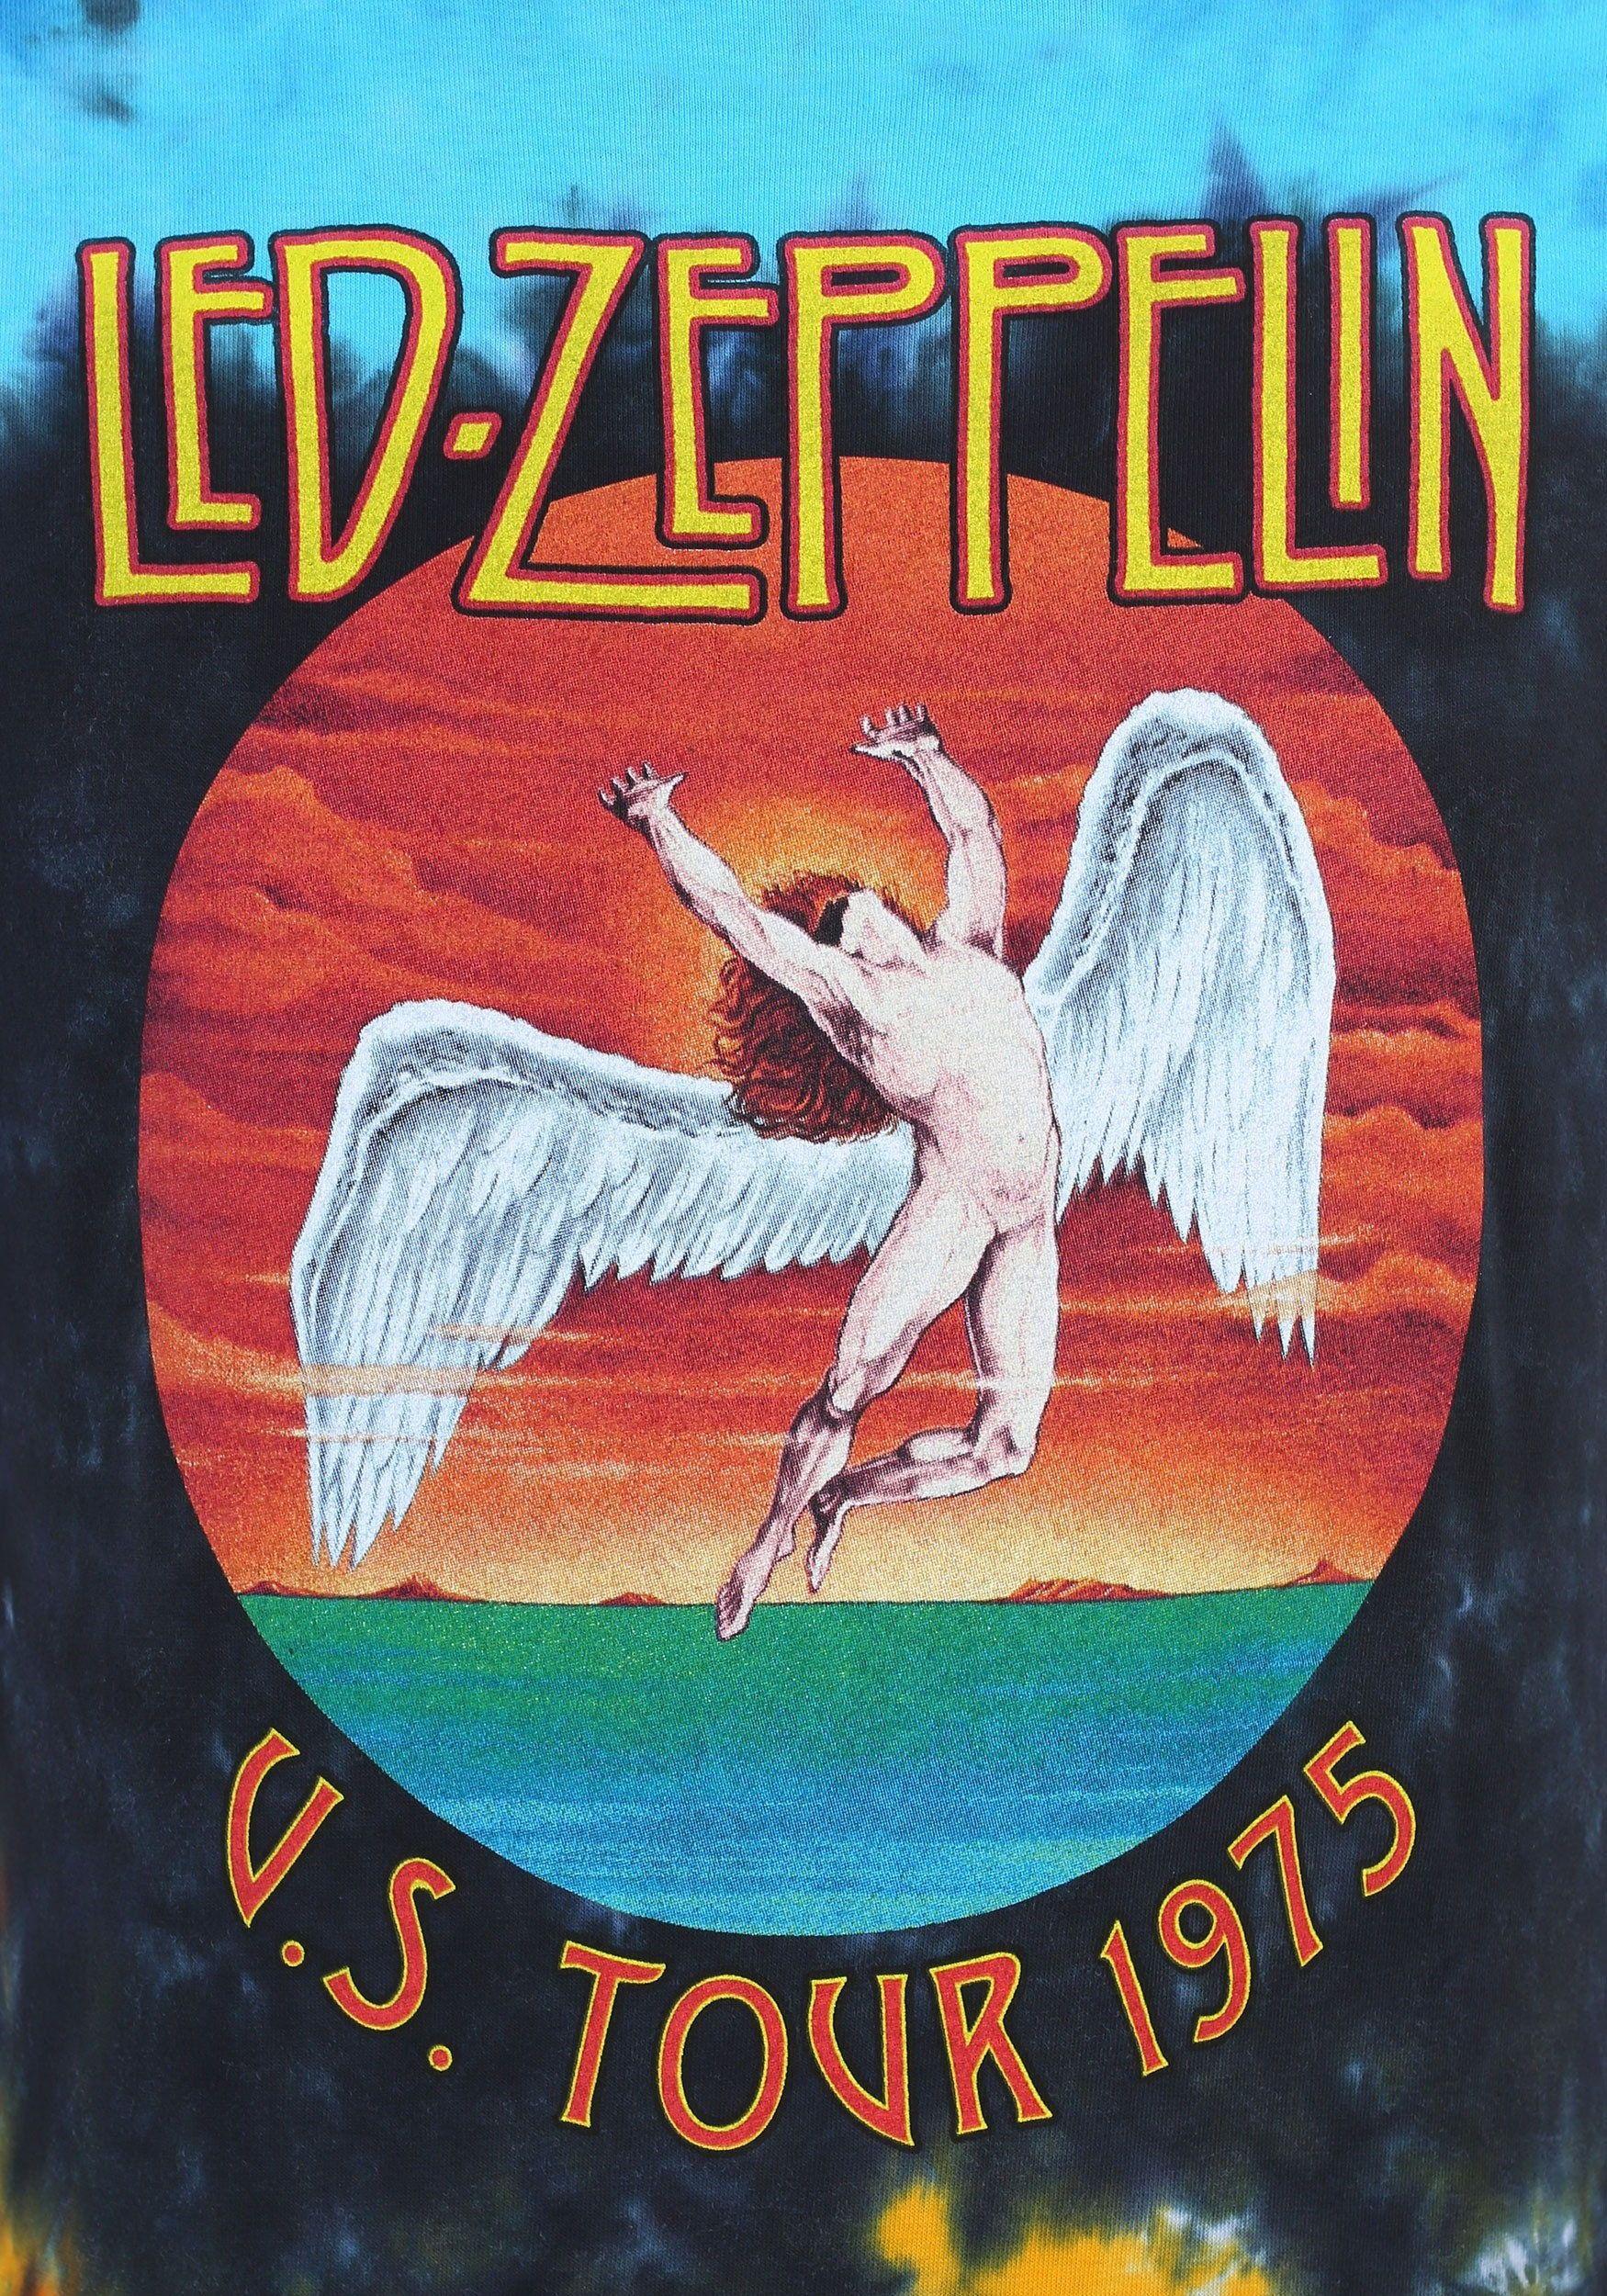 Led zeppelin swan song 1975 tour led zeppelin album